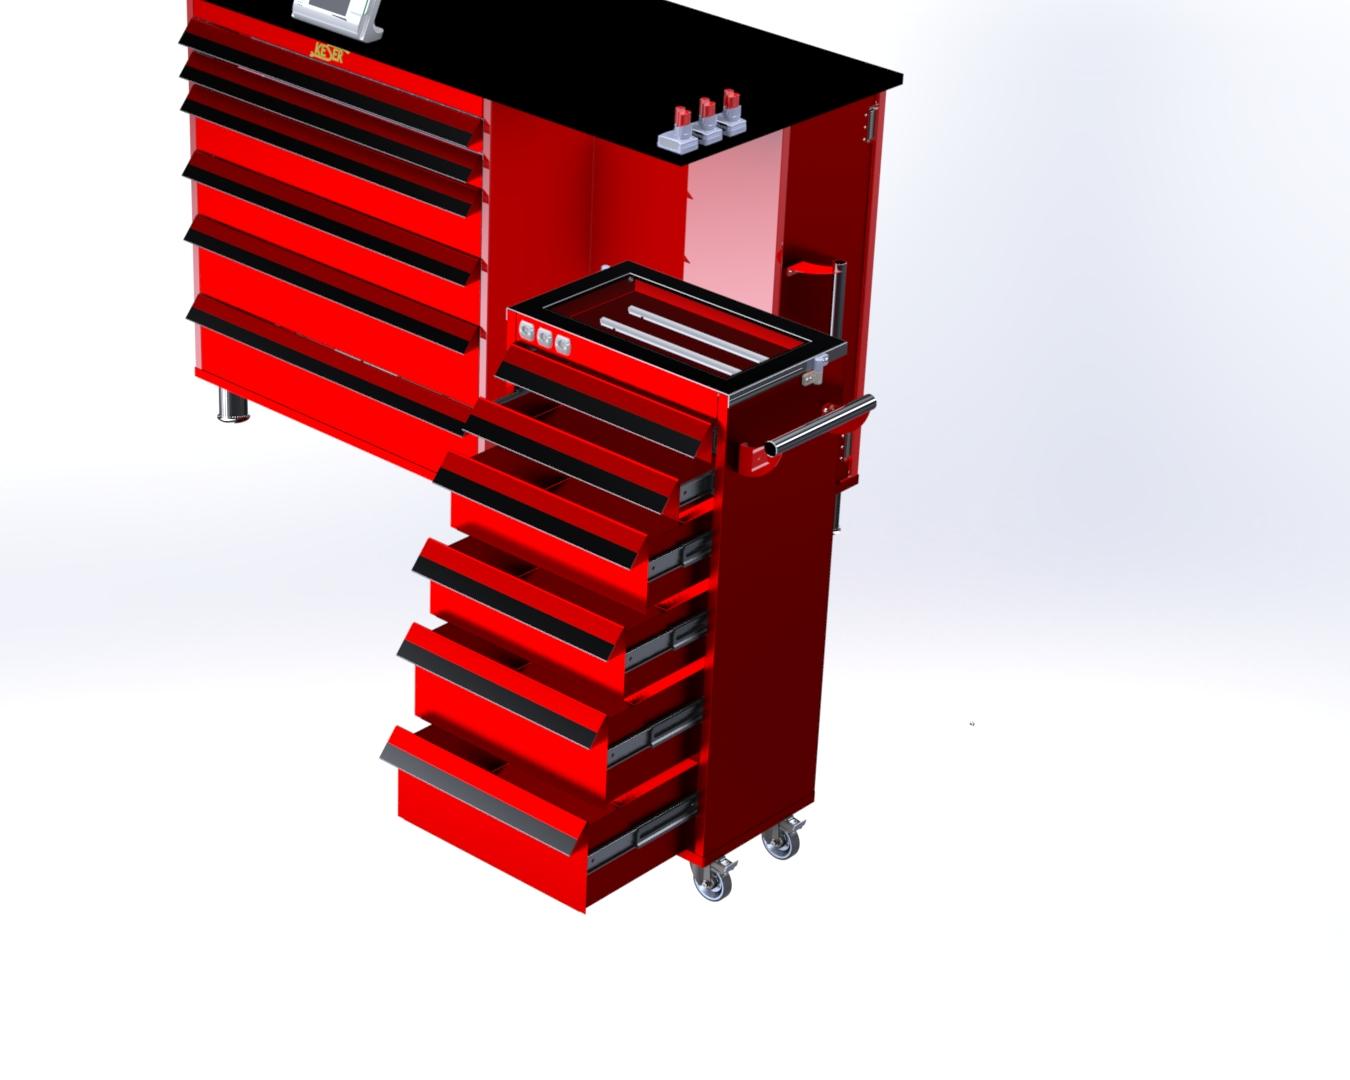 机械工程师的工作台工具柜模型3D图纸 Solidworks设计